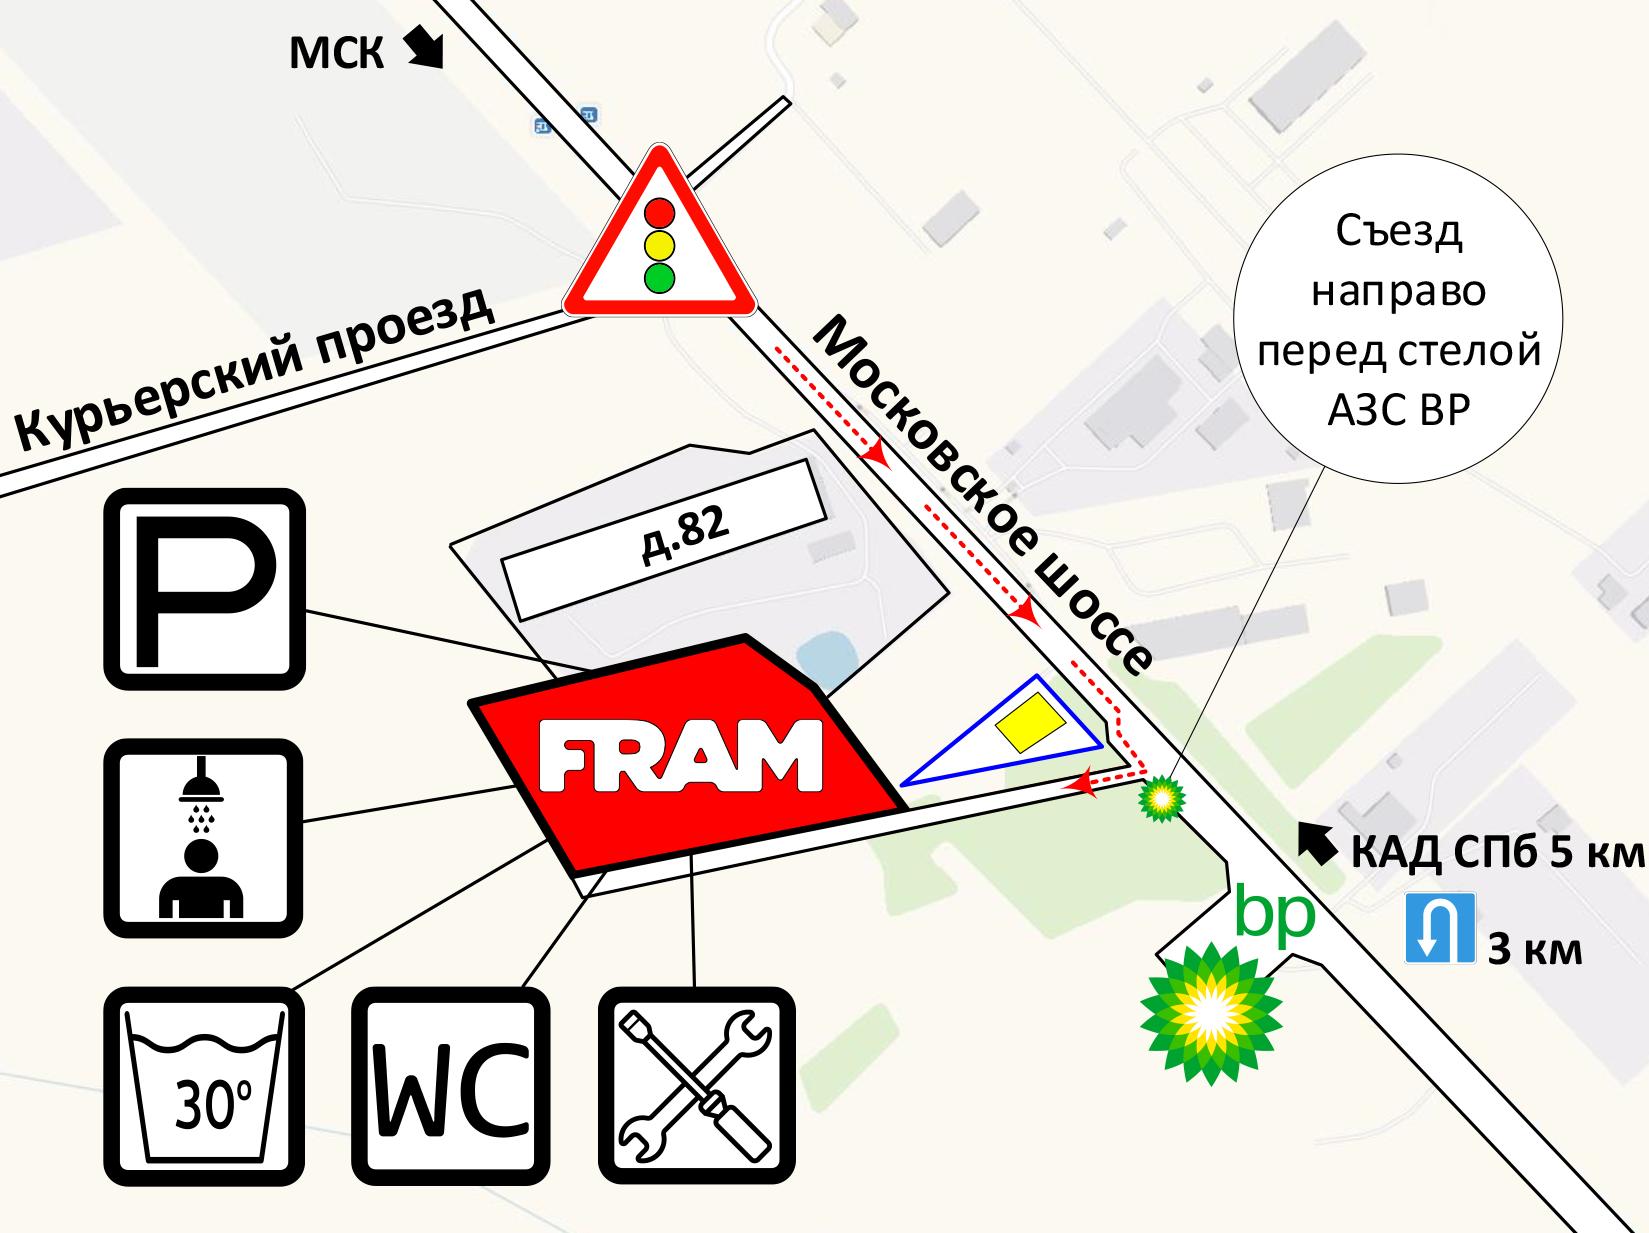 Схема проезда ФРАМ сервис